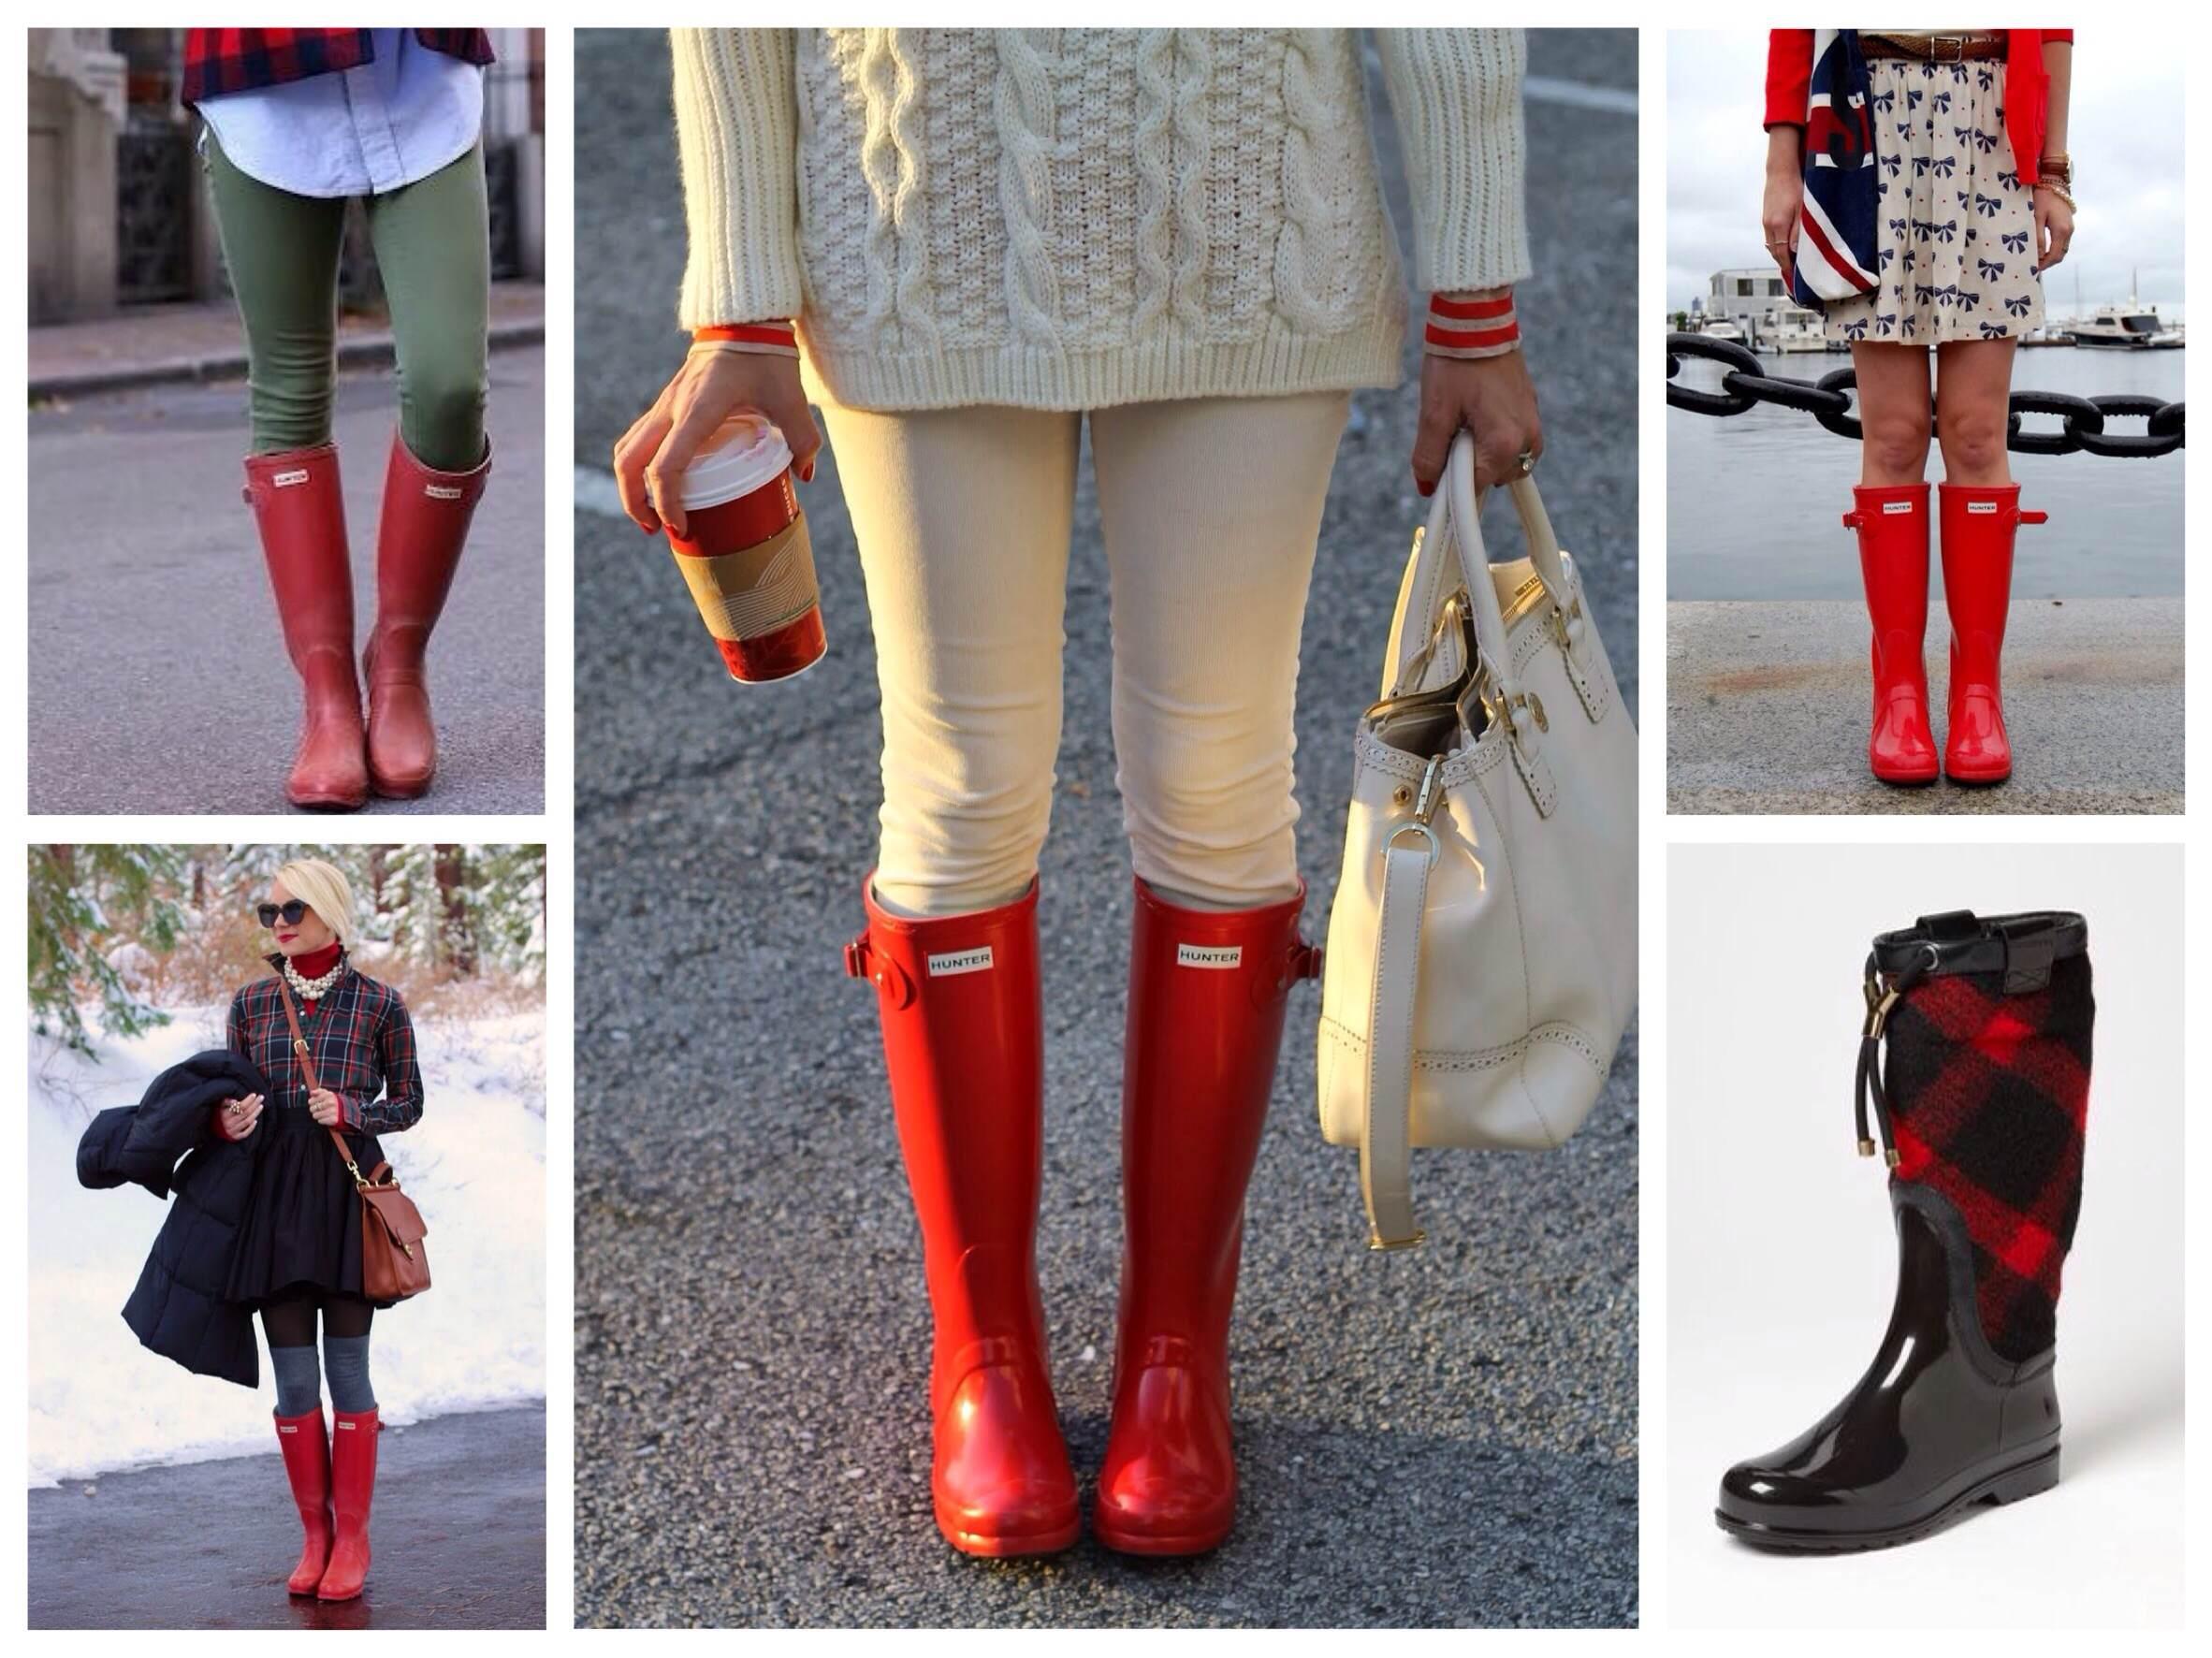 ce3892cb0 Сочетания красного в луках c резиновой обуви